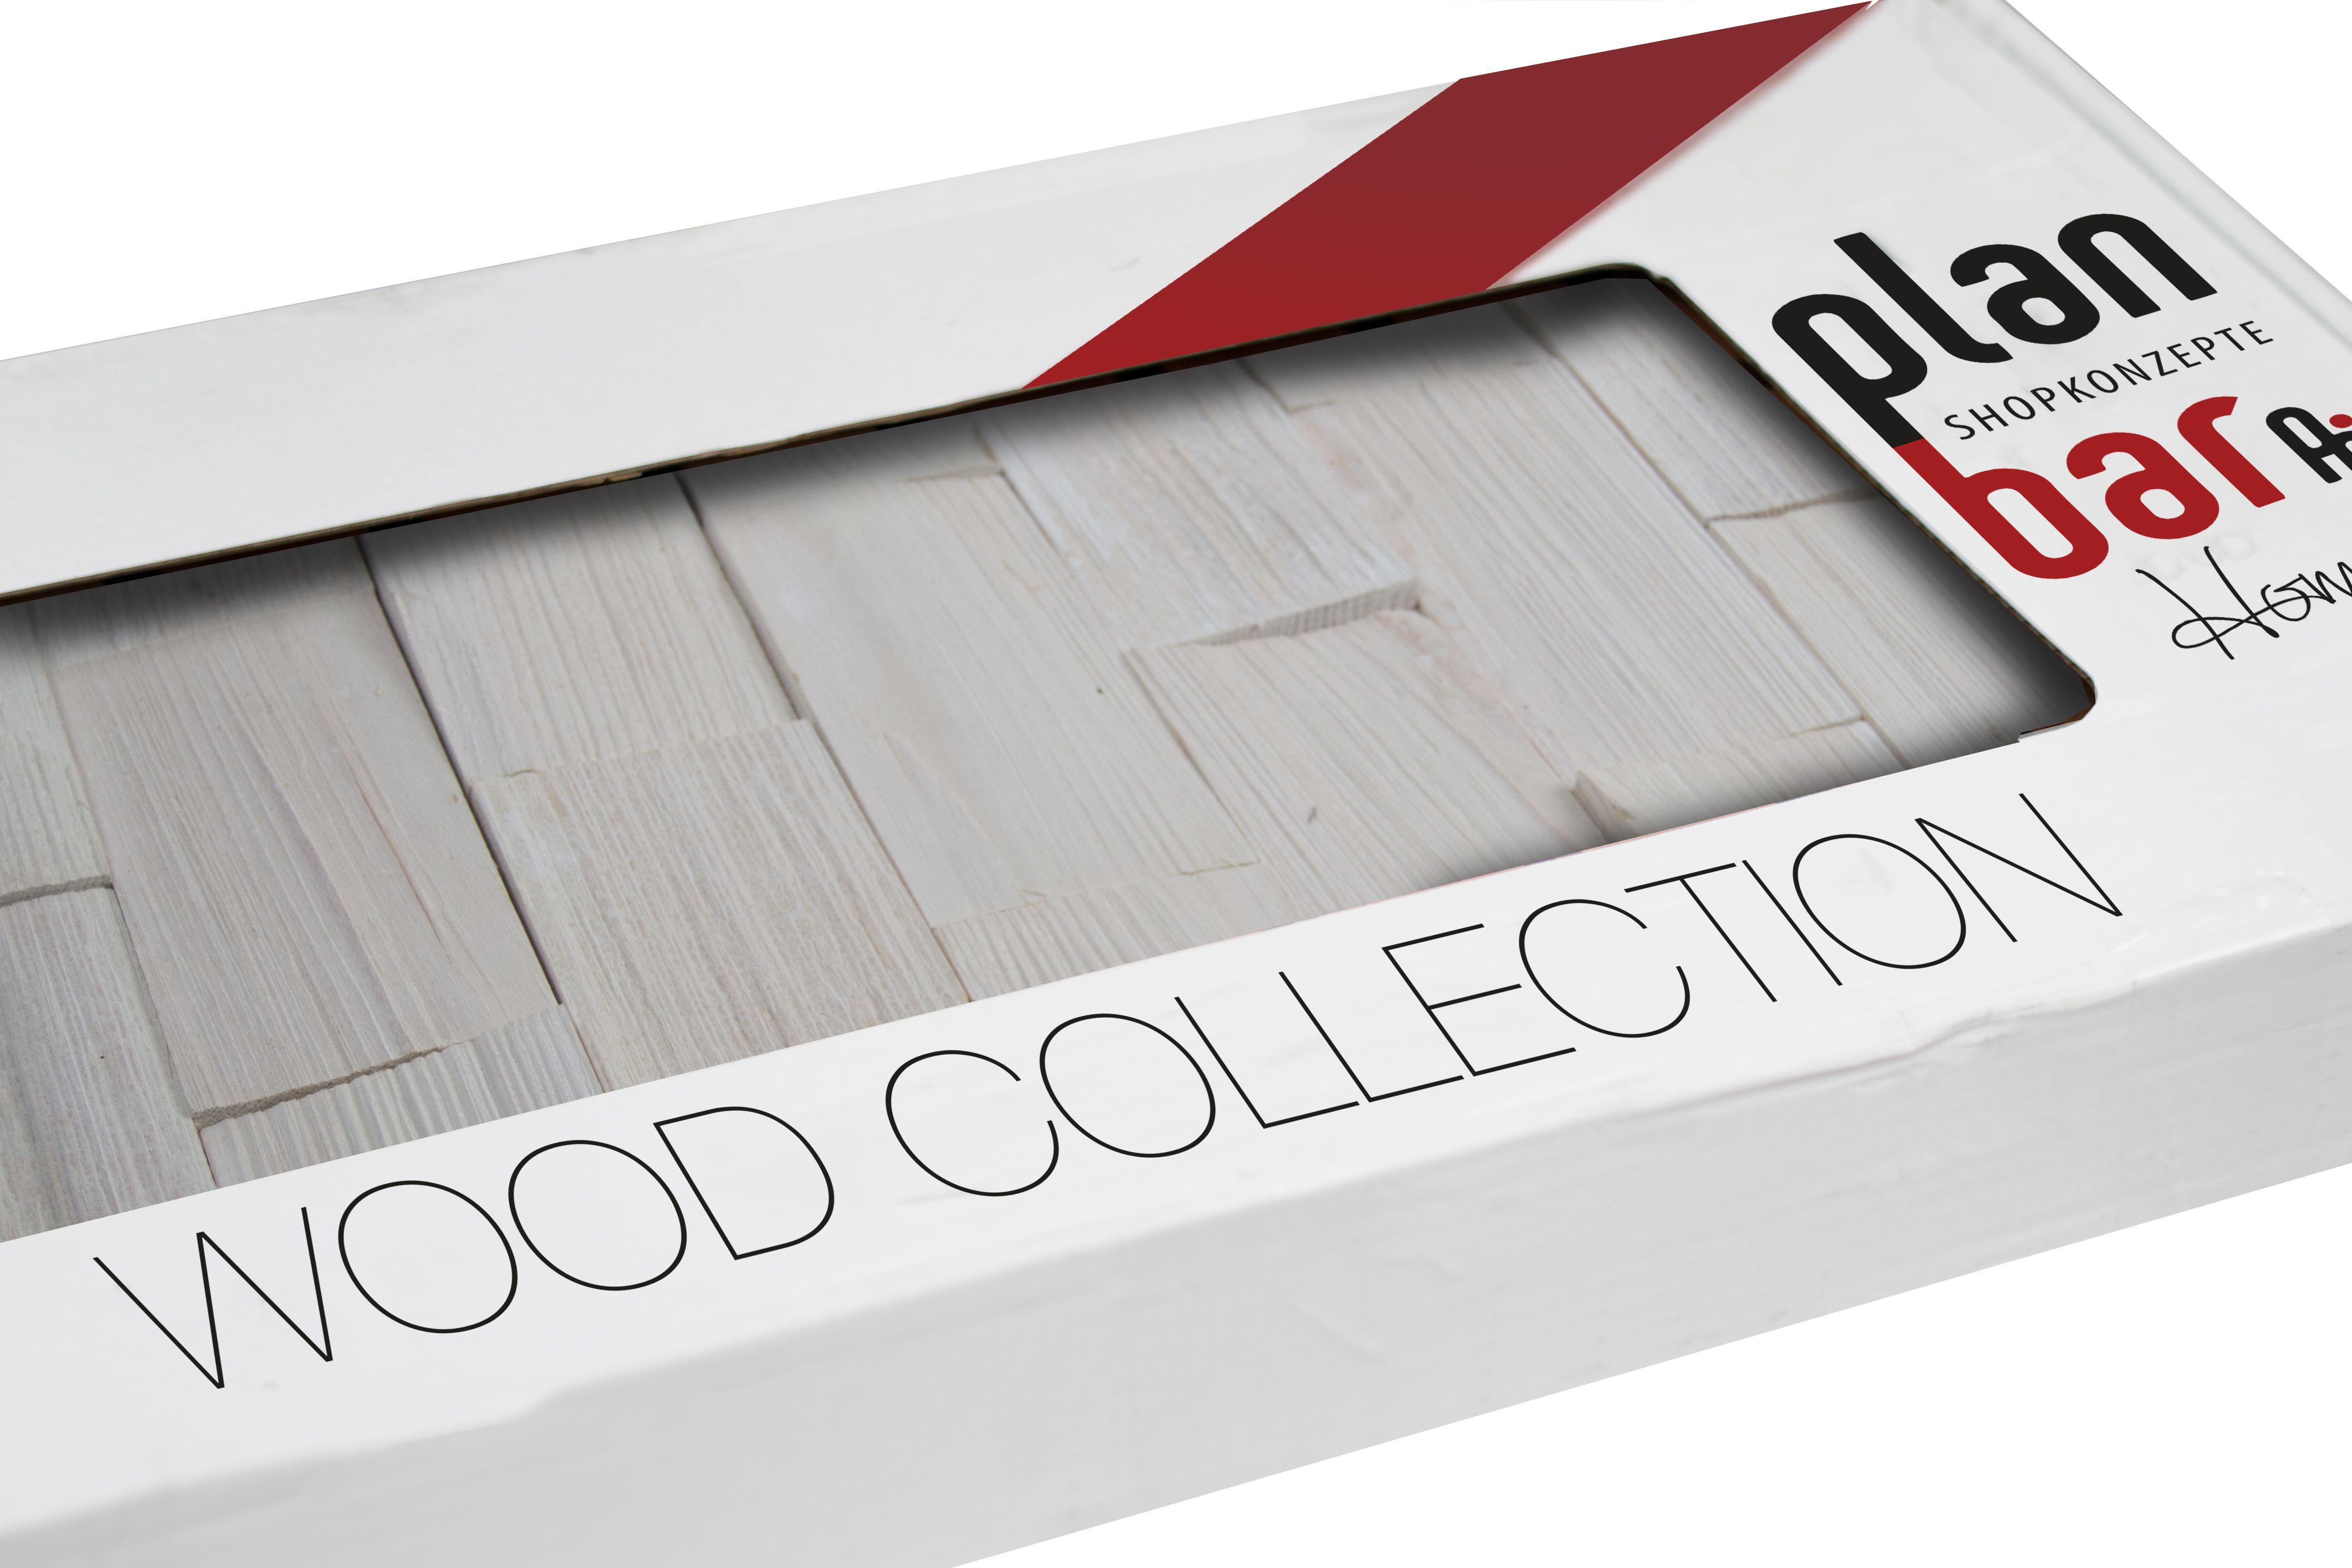 Holz Wandverkleidung Deckenpaneele Und Popupstore Wandverkleidung Verblender Deckenpaneele